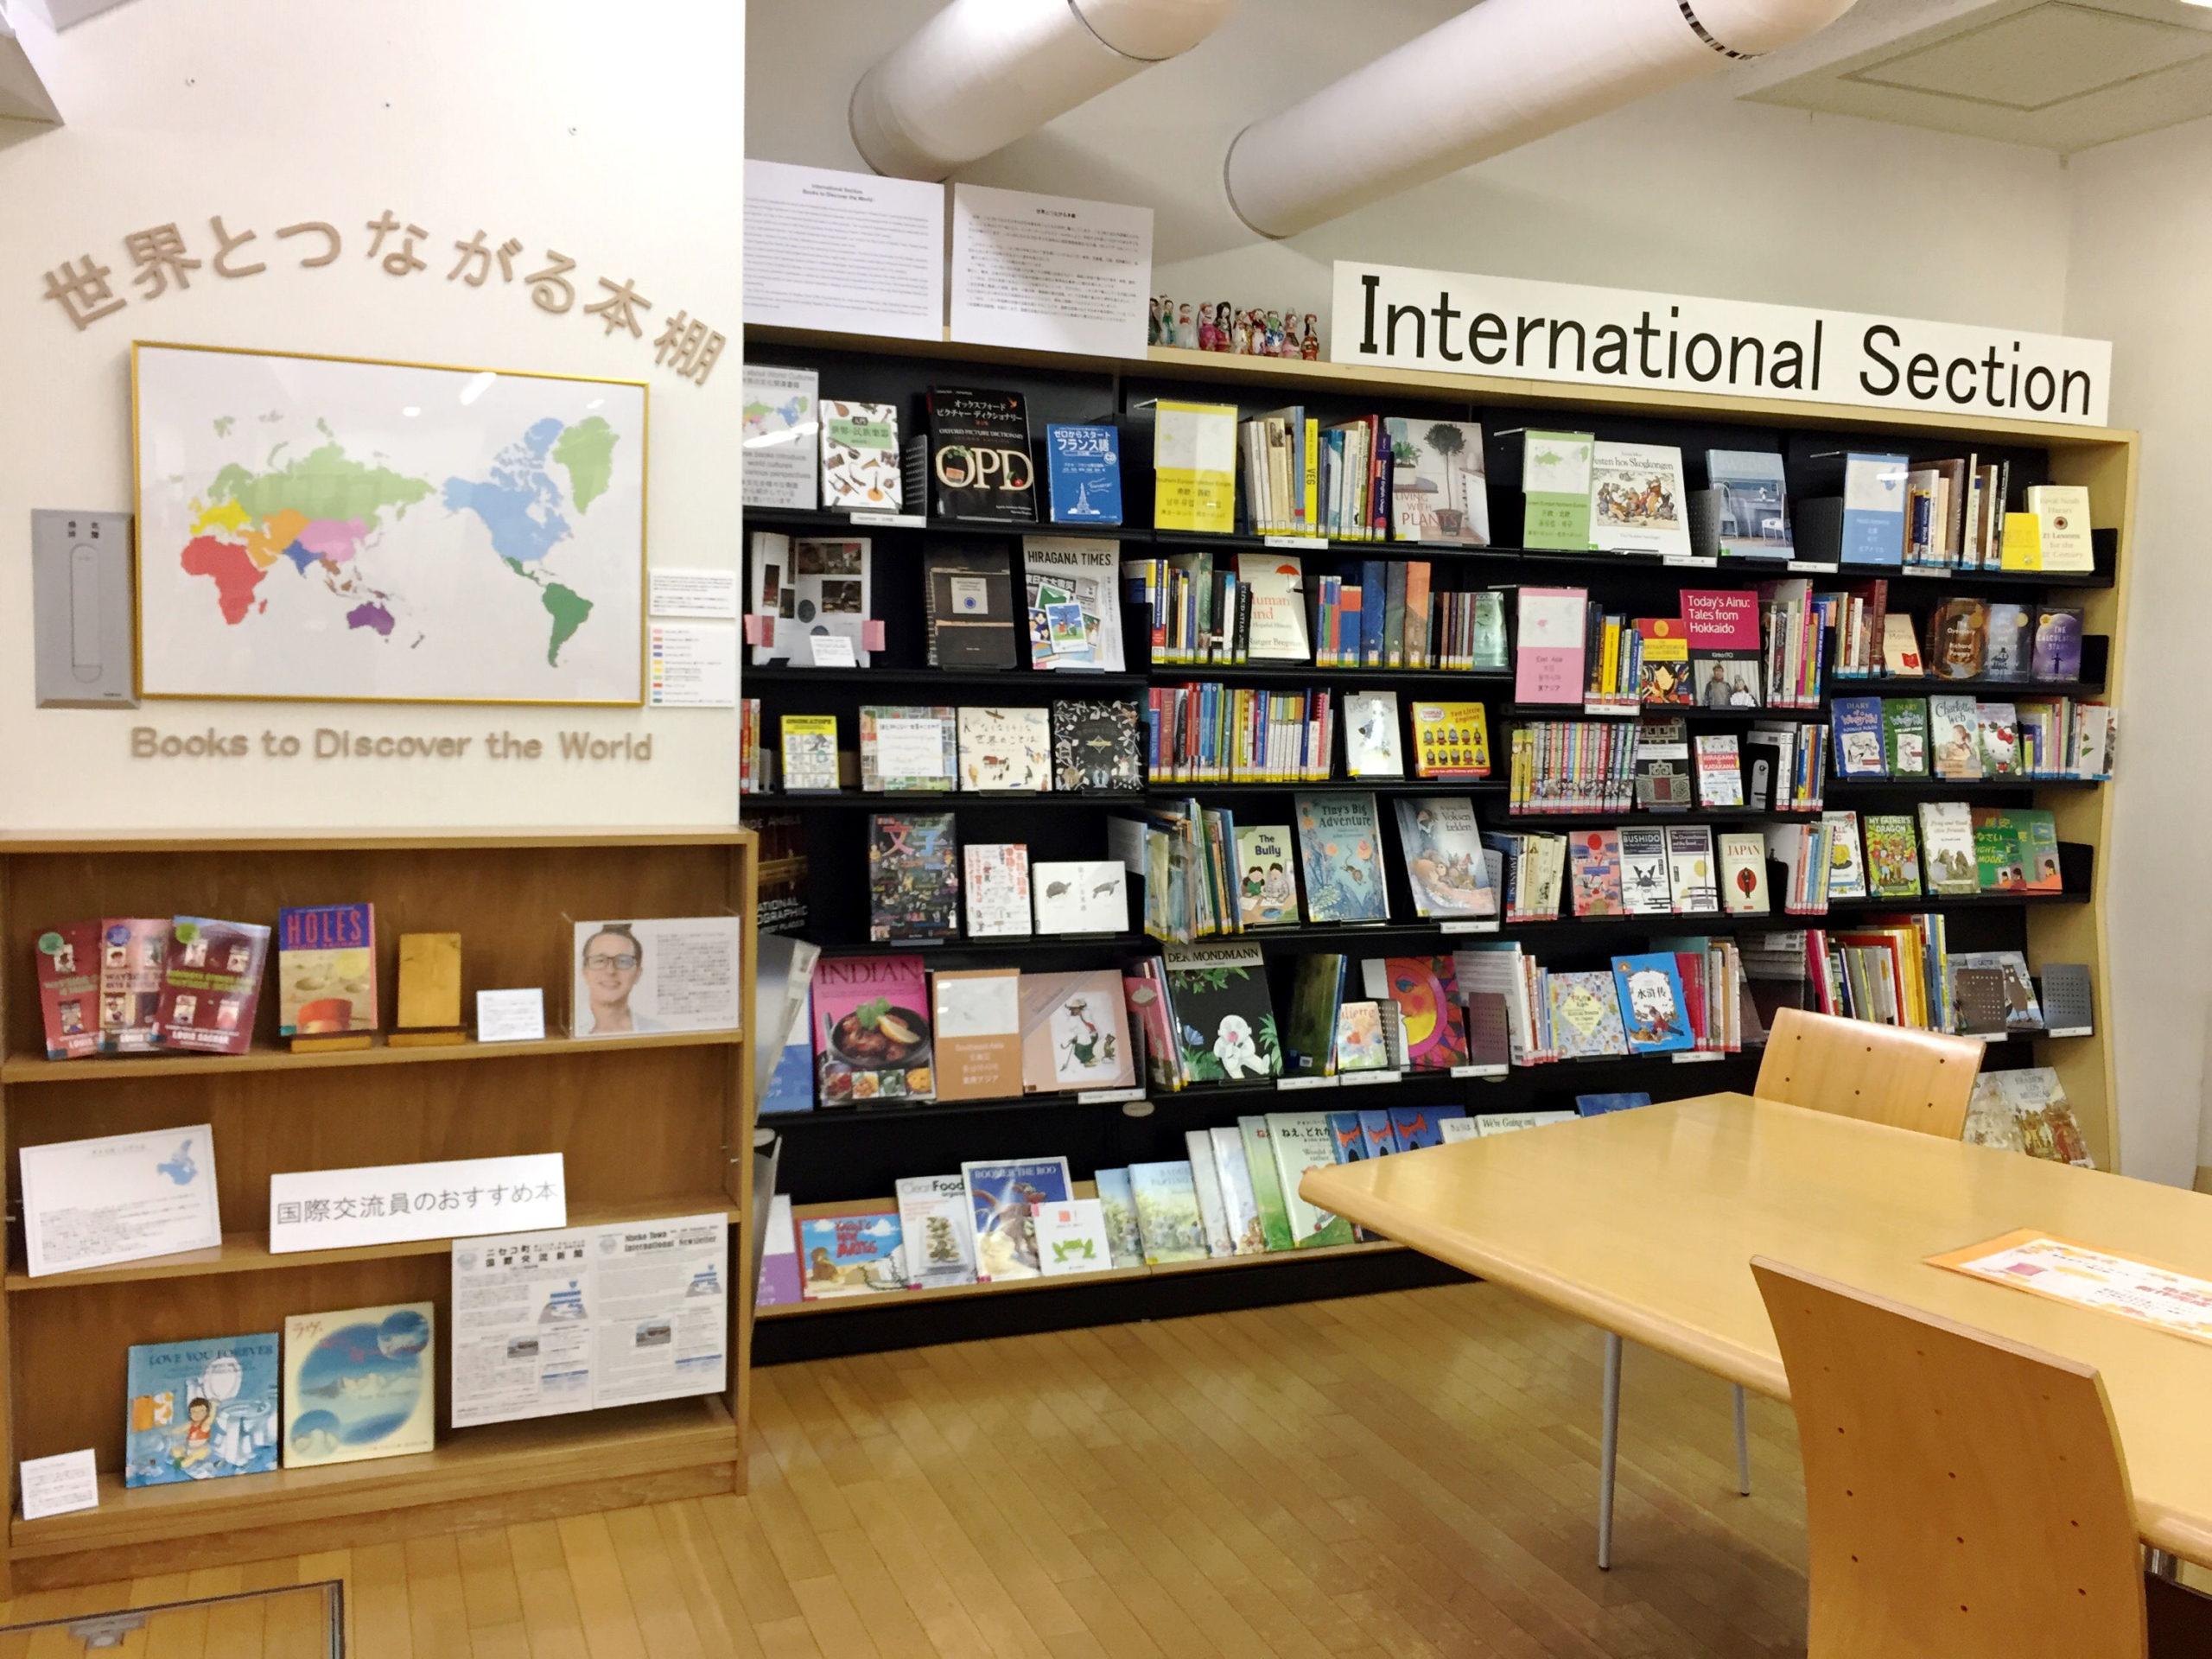 新しいコーナー「International Section」